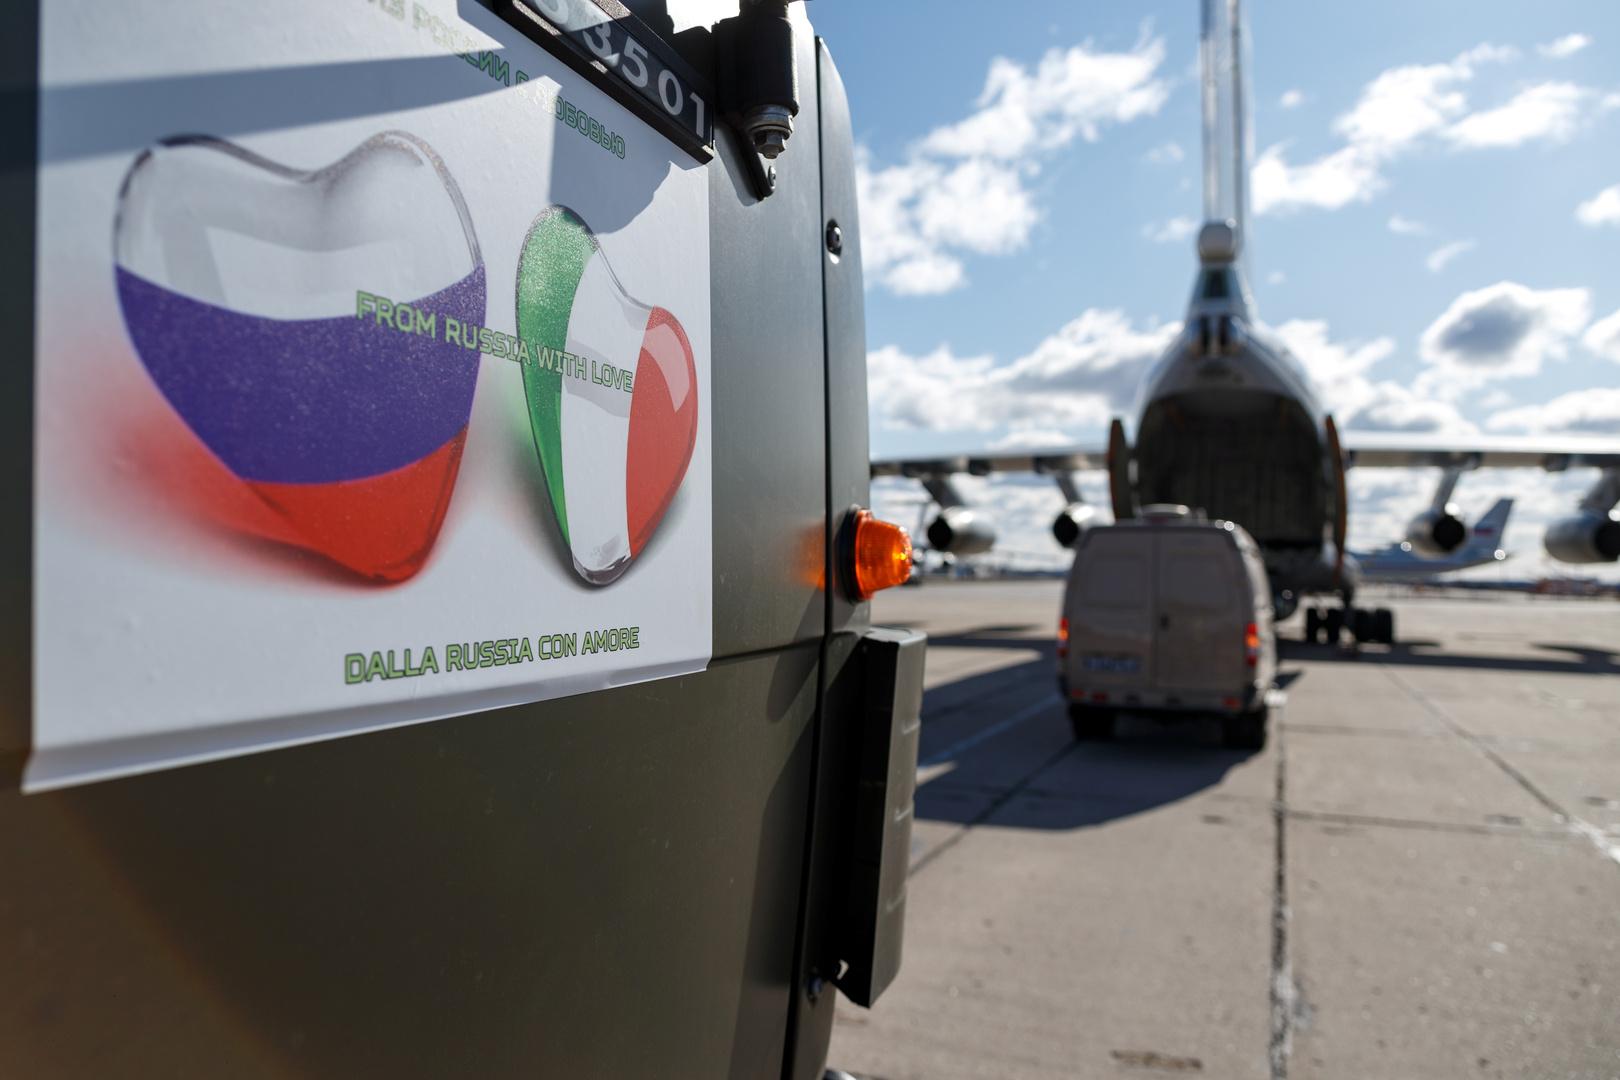 لماذا هبت روسيا لنجدة إيطاليا؟